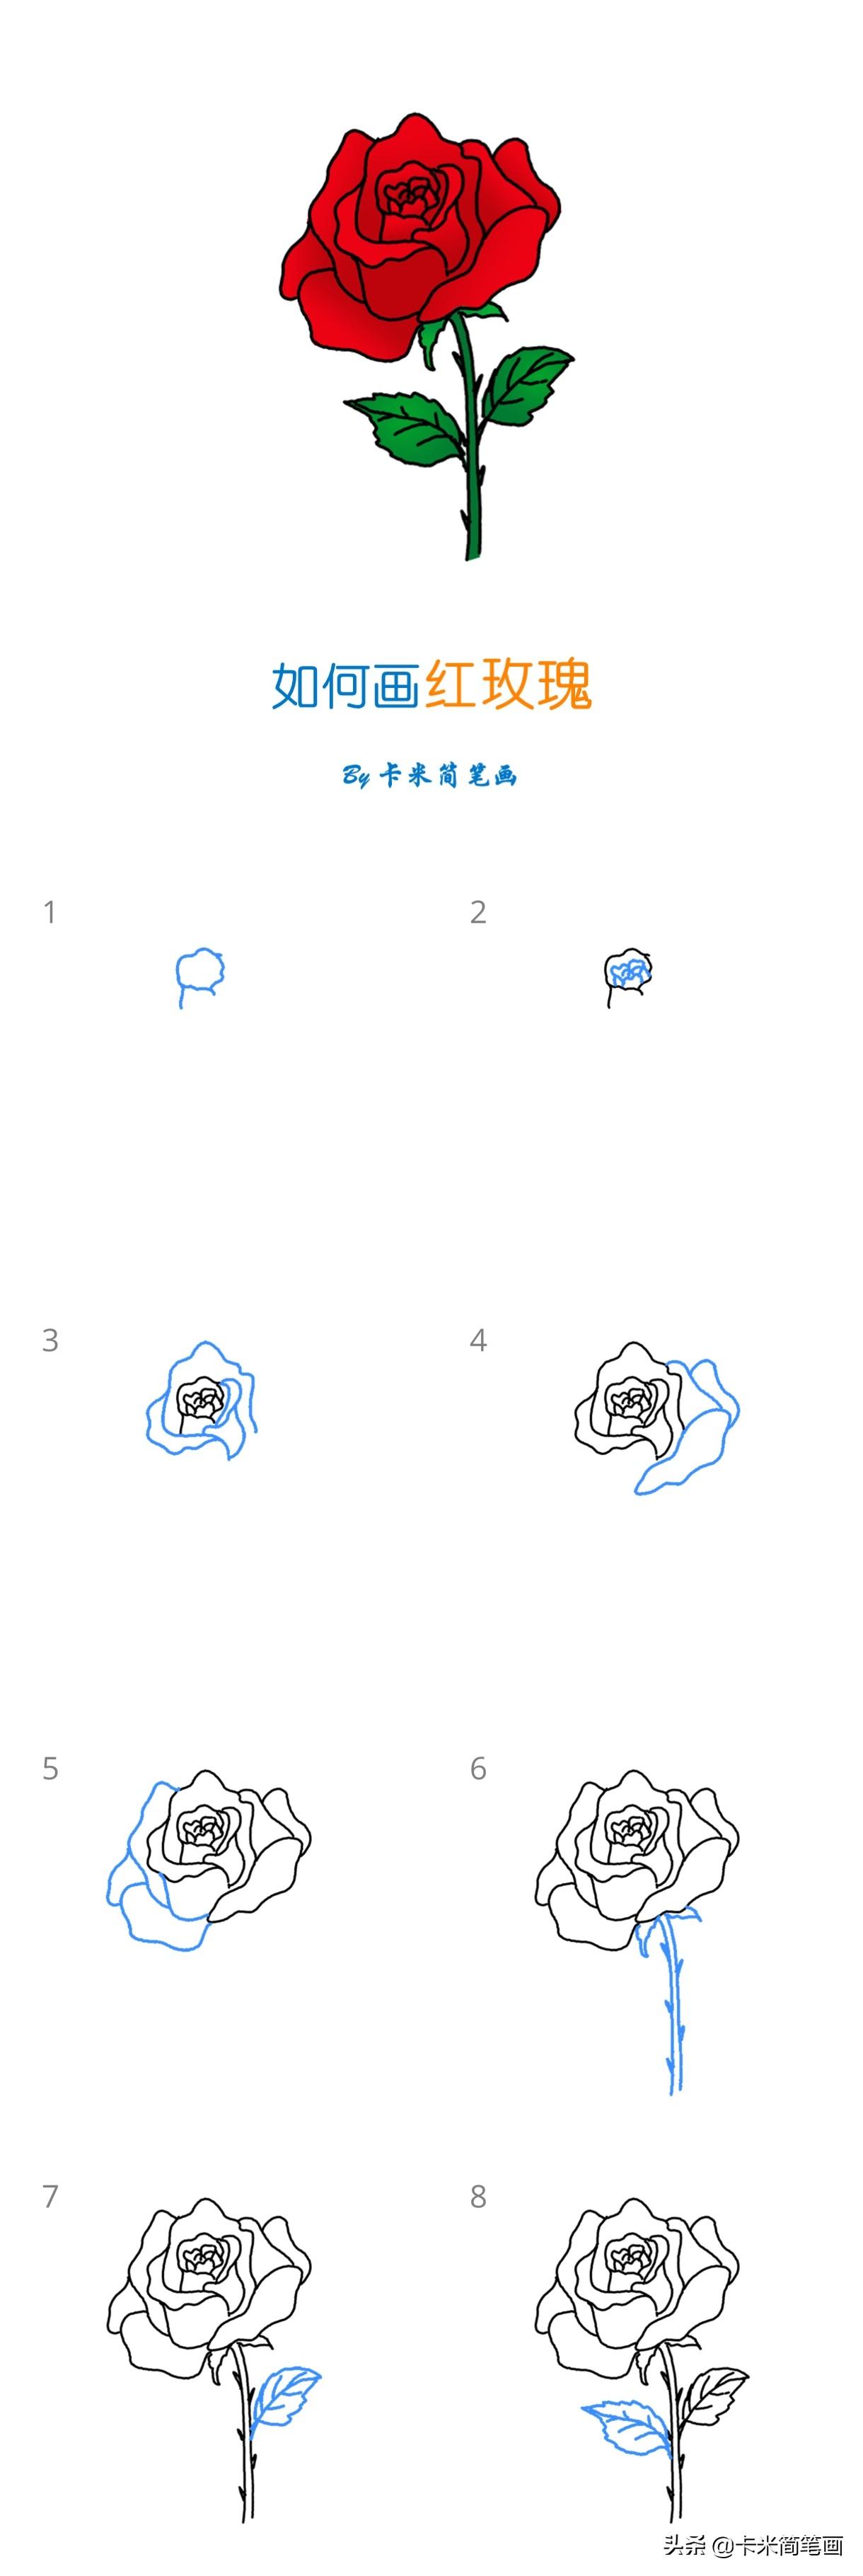 十组教师节小素材简笔画教程